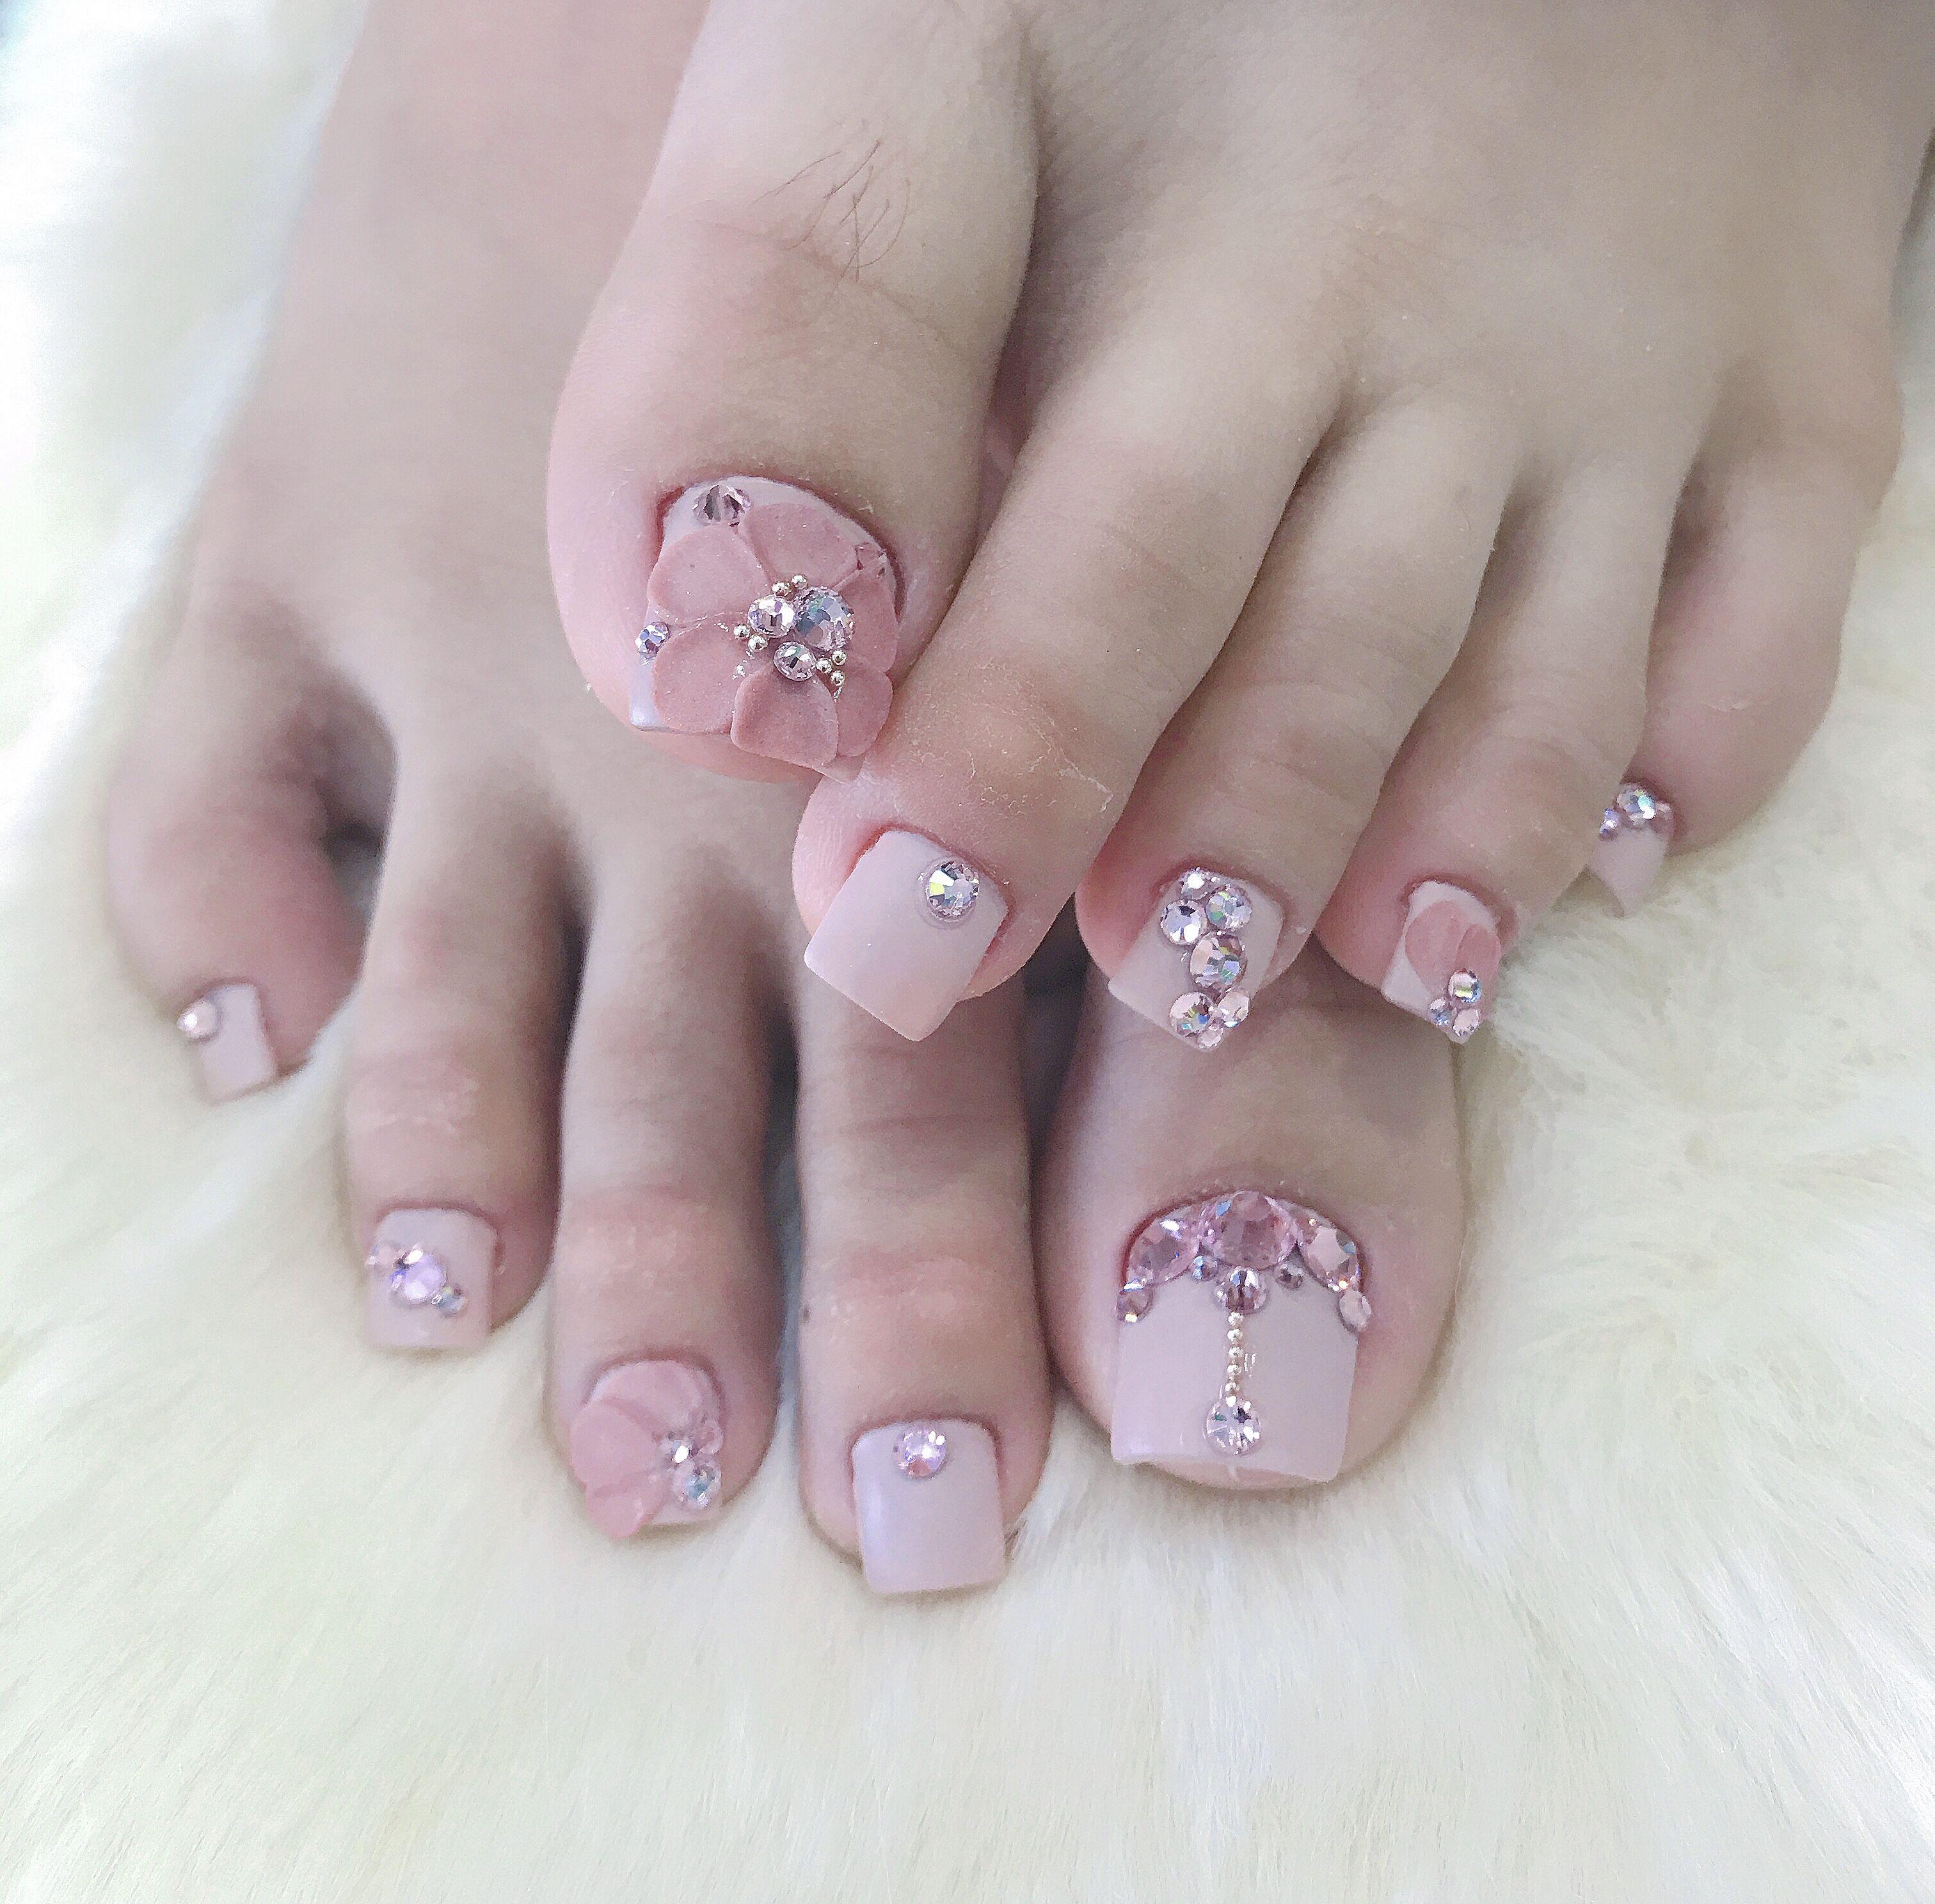 Mẫu móng chân đính đá nhẹ nhàng màu hồng đẹp